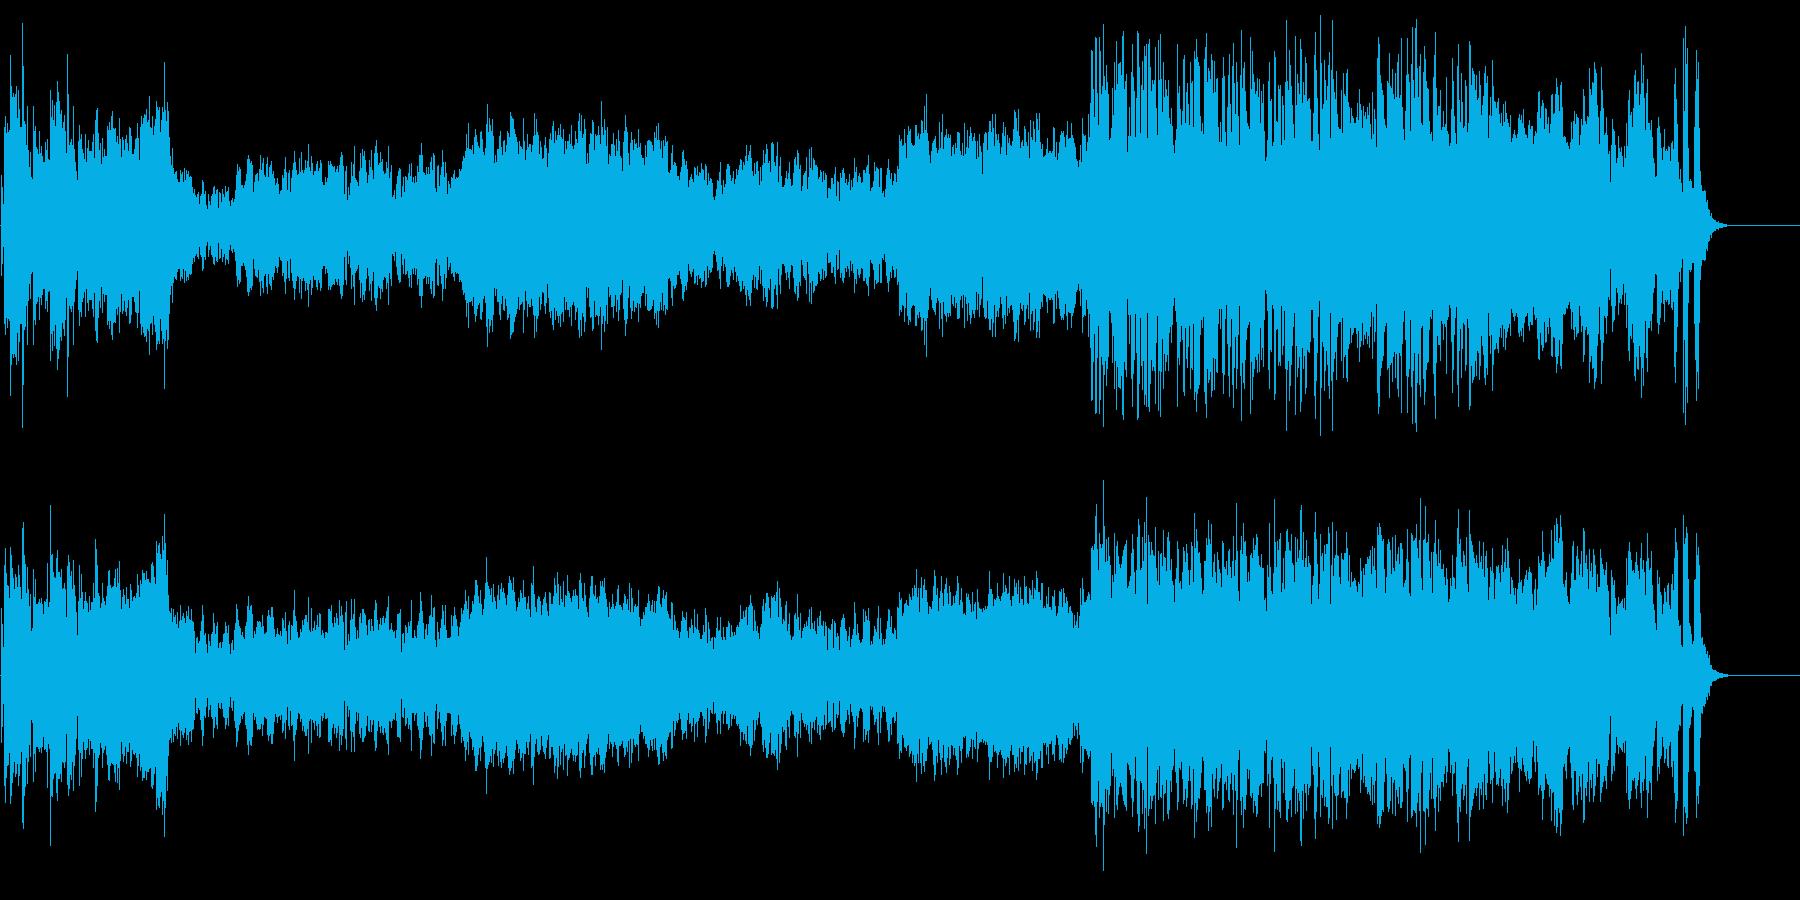 期待のオープニングテーマ風オーケストラの再生済みの波形